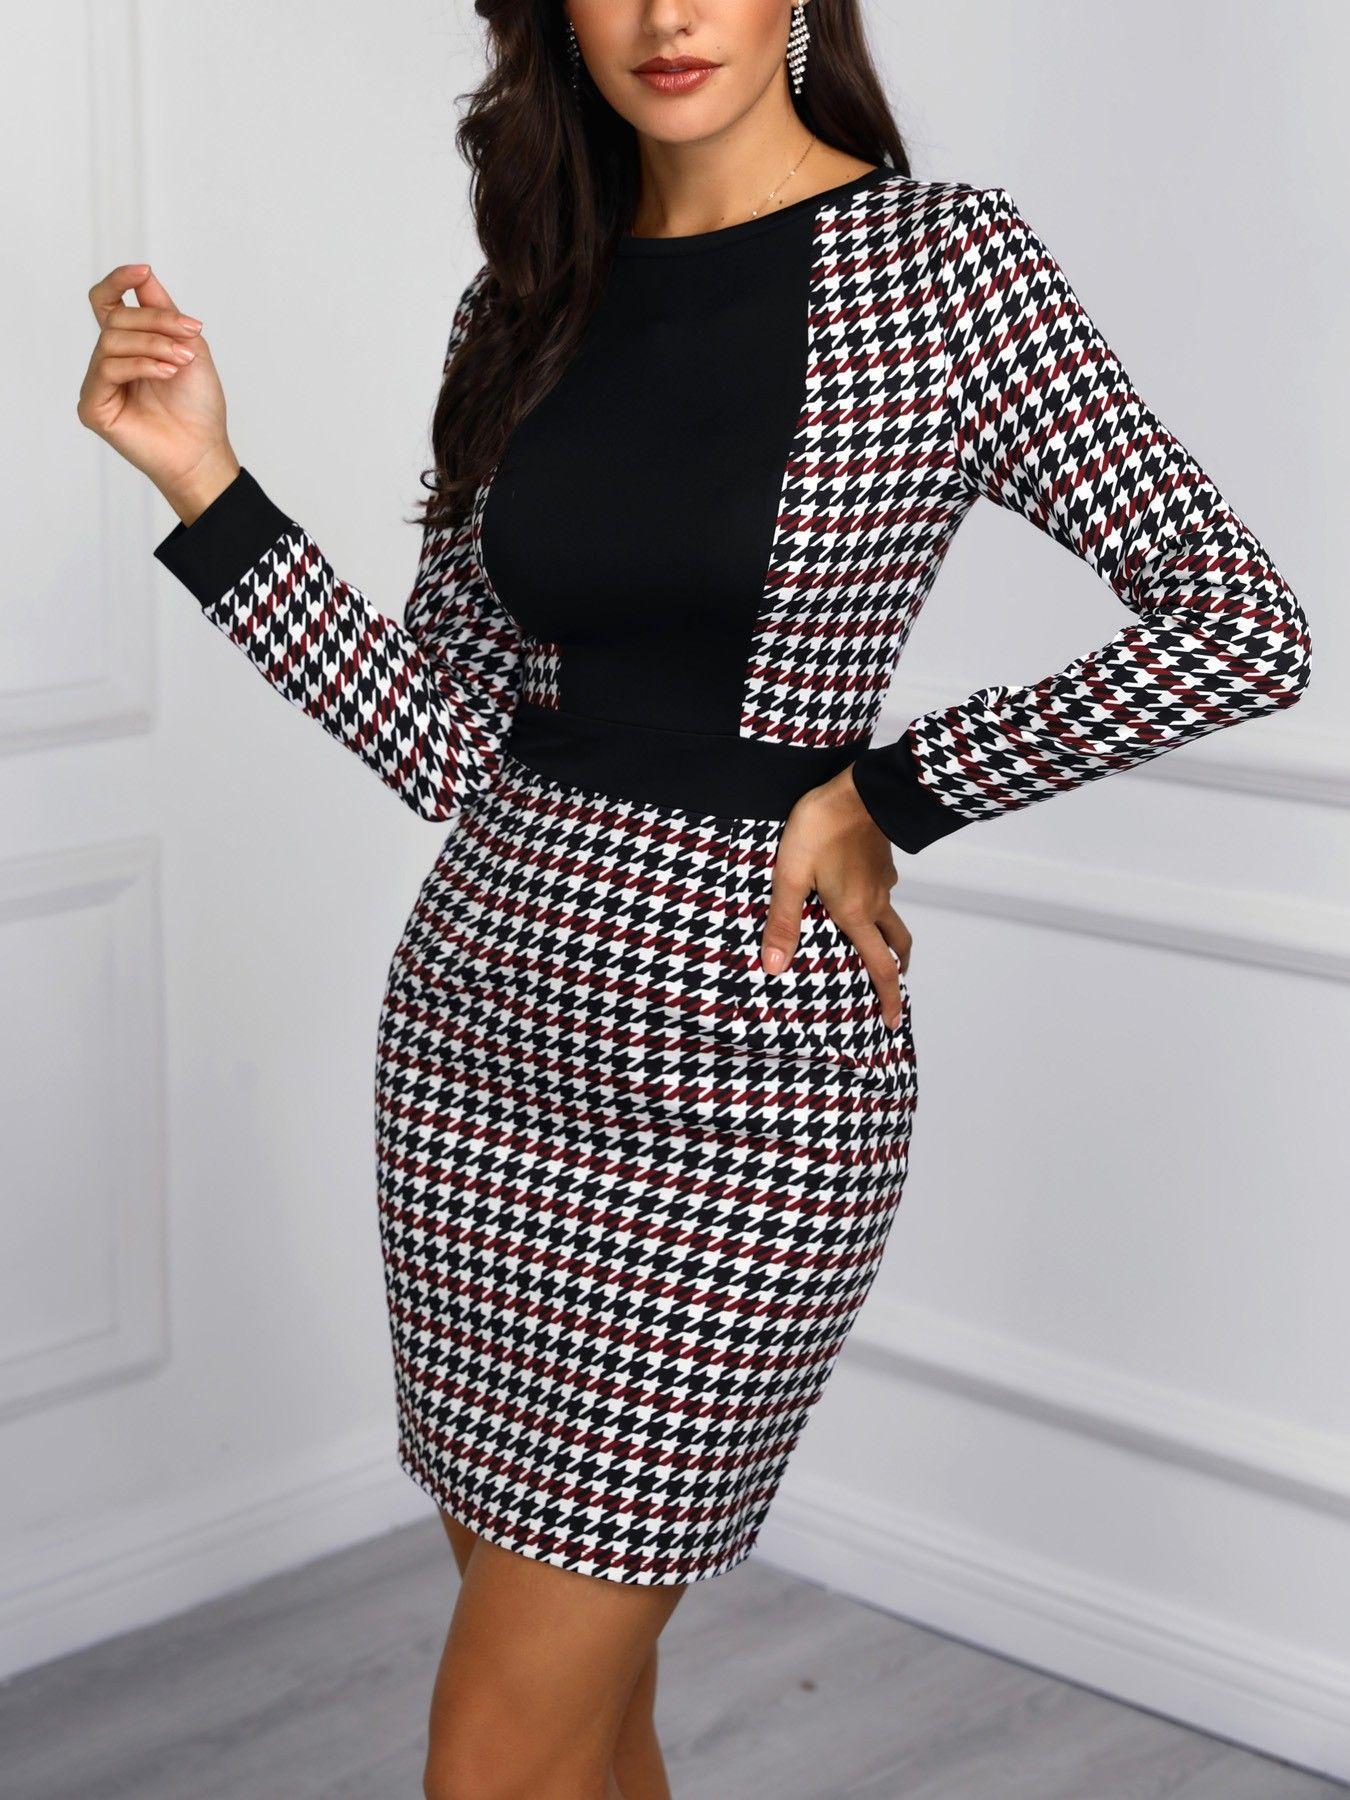 c1901dbdb3ed Houndstooth Insert Tweed sheath Dress in 2019 | Fashion insperation ...